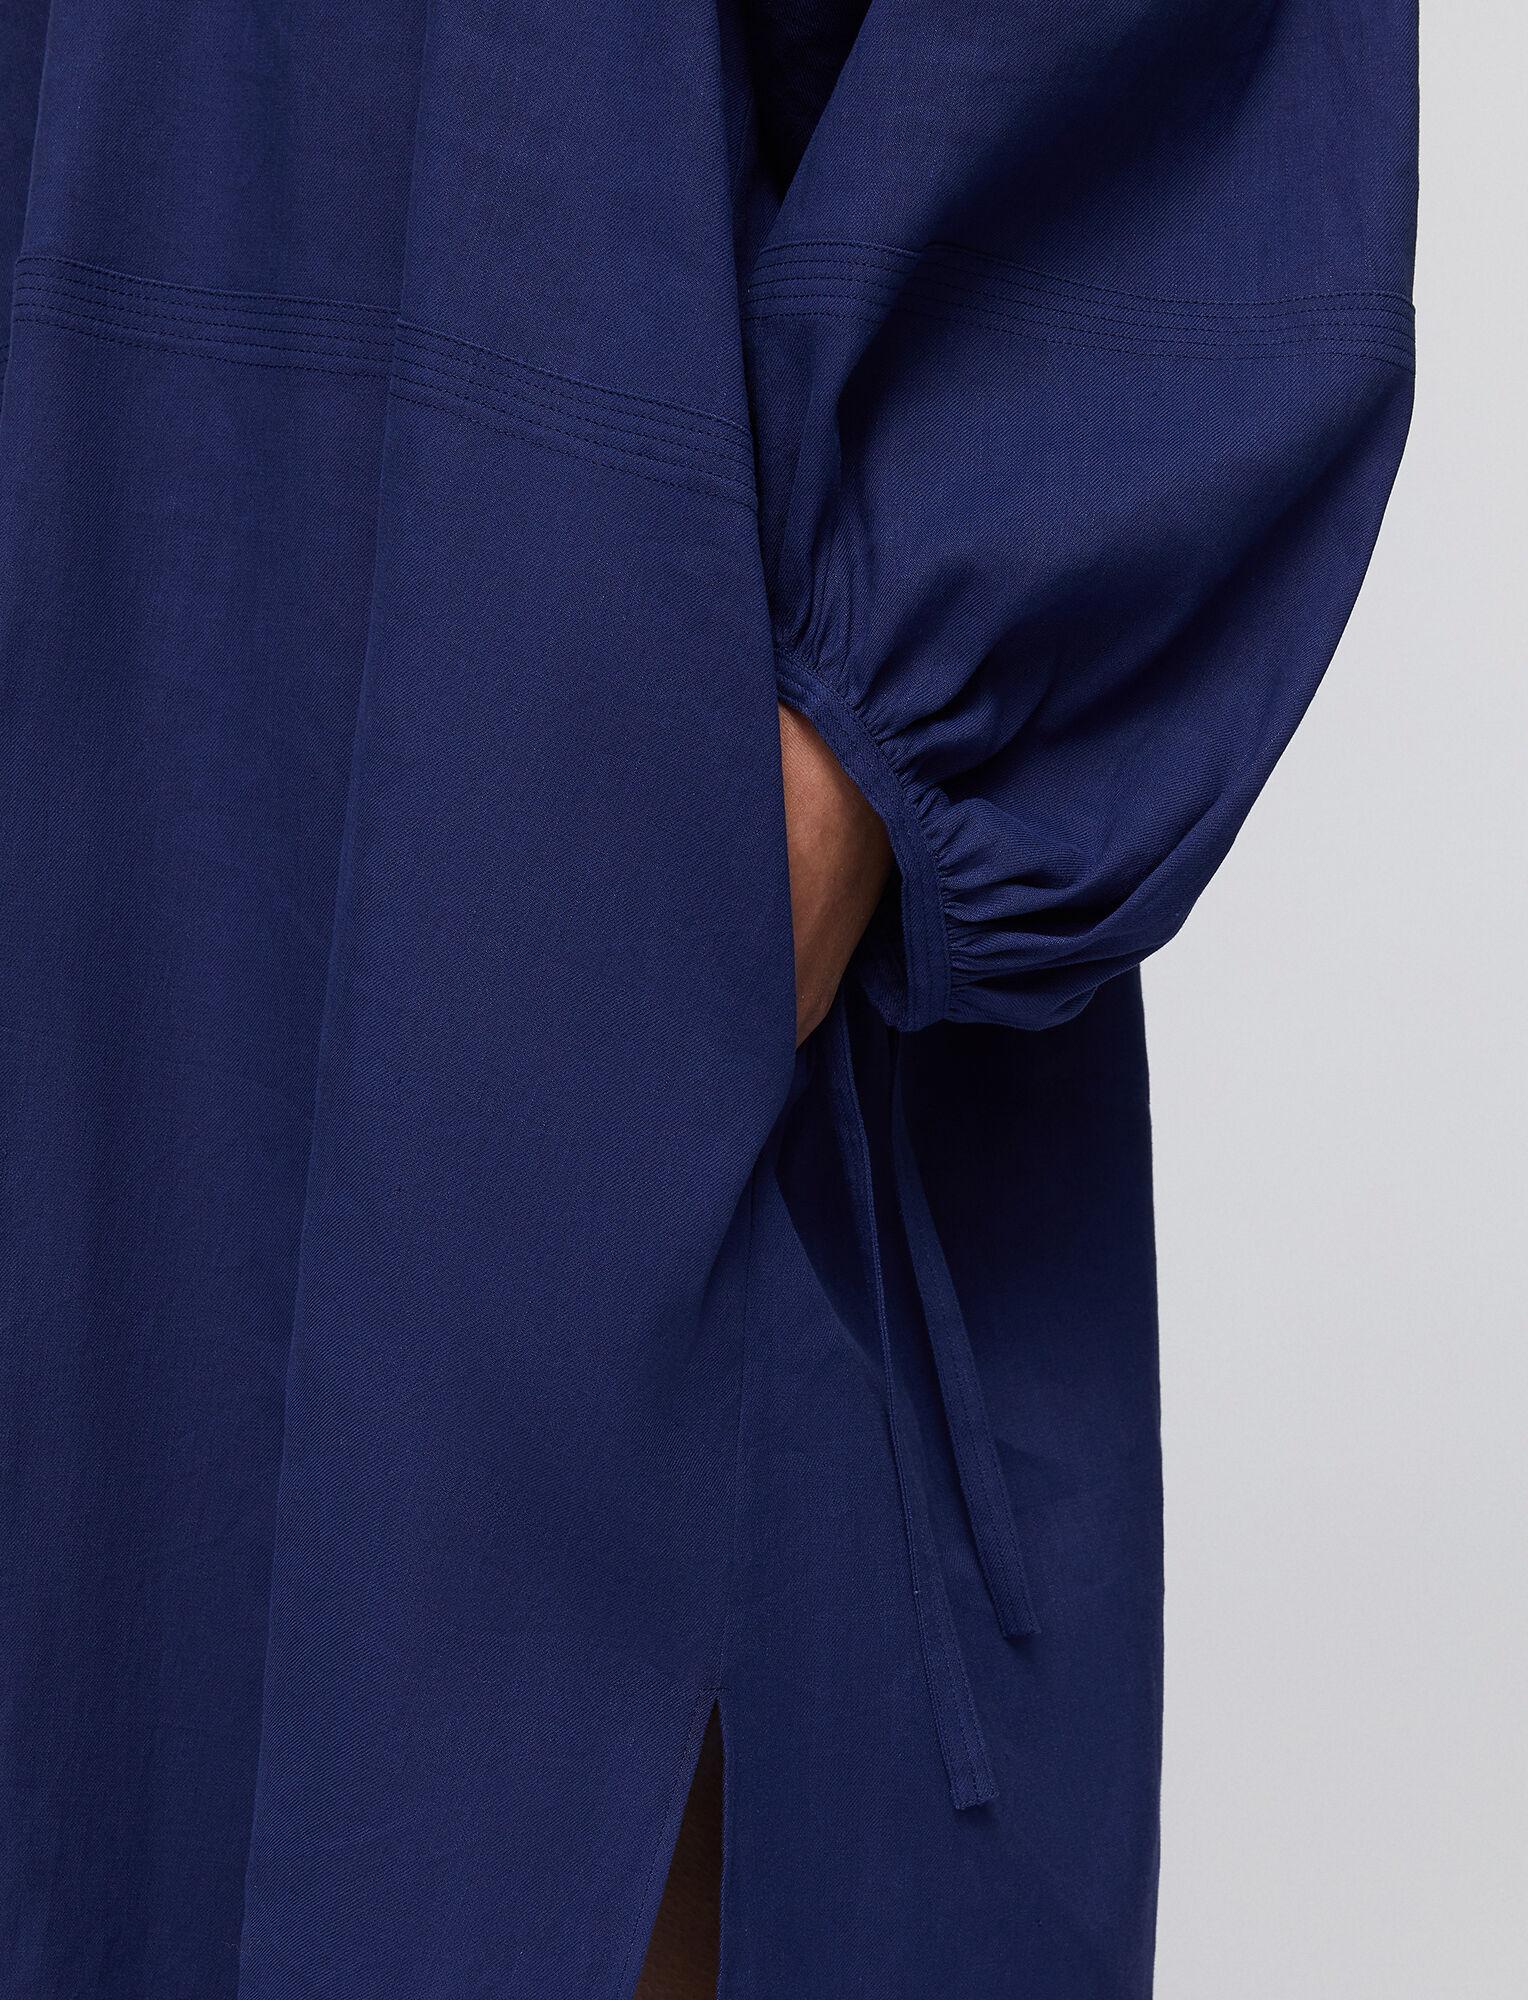 Joseph, Stretch Linen Cotton Duna Dress, in COBALT BLUE